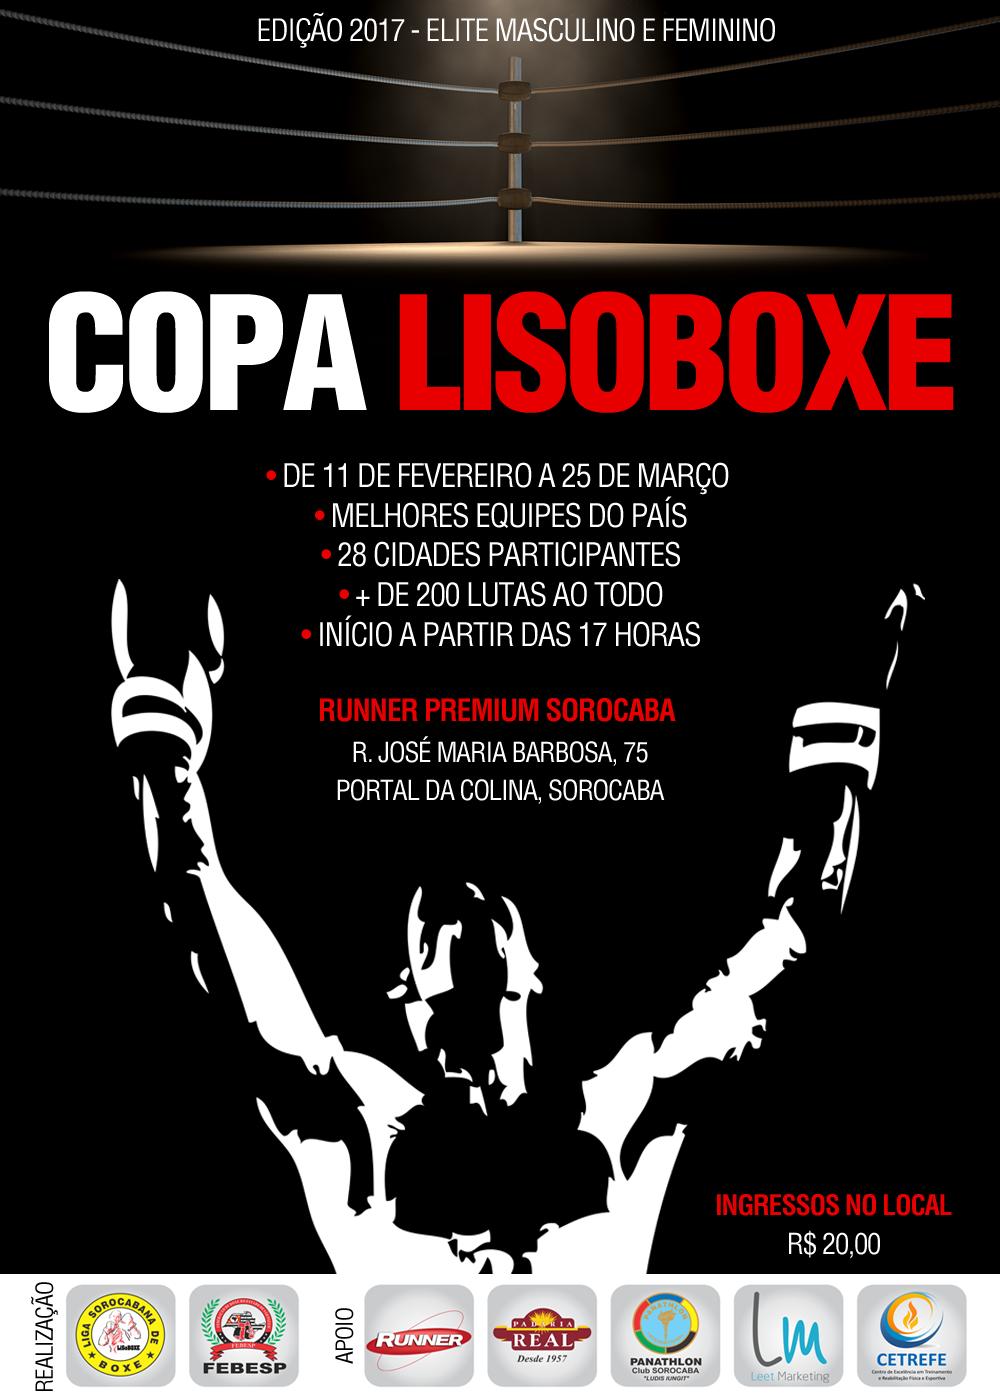 cartaz copa lisoboxe 2017